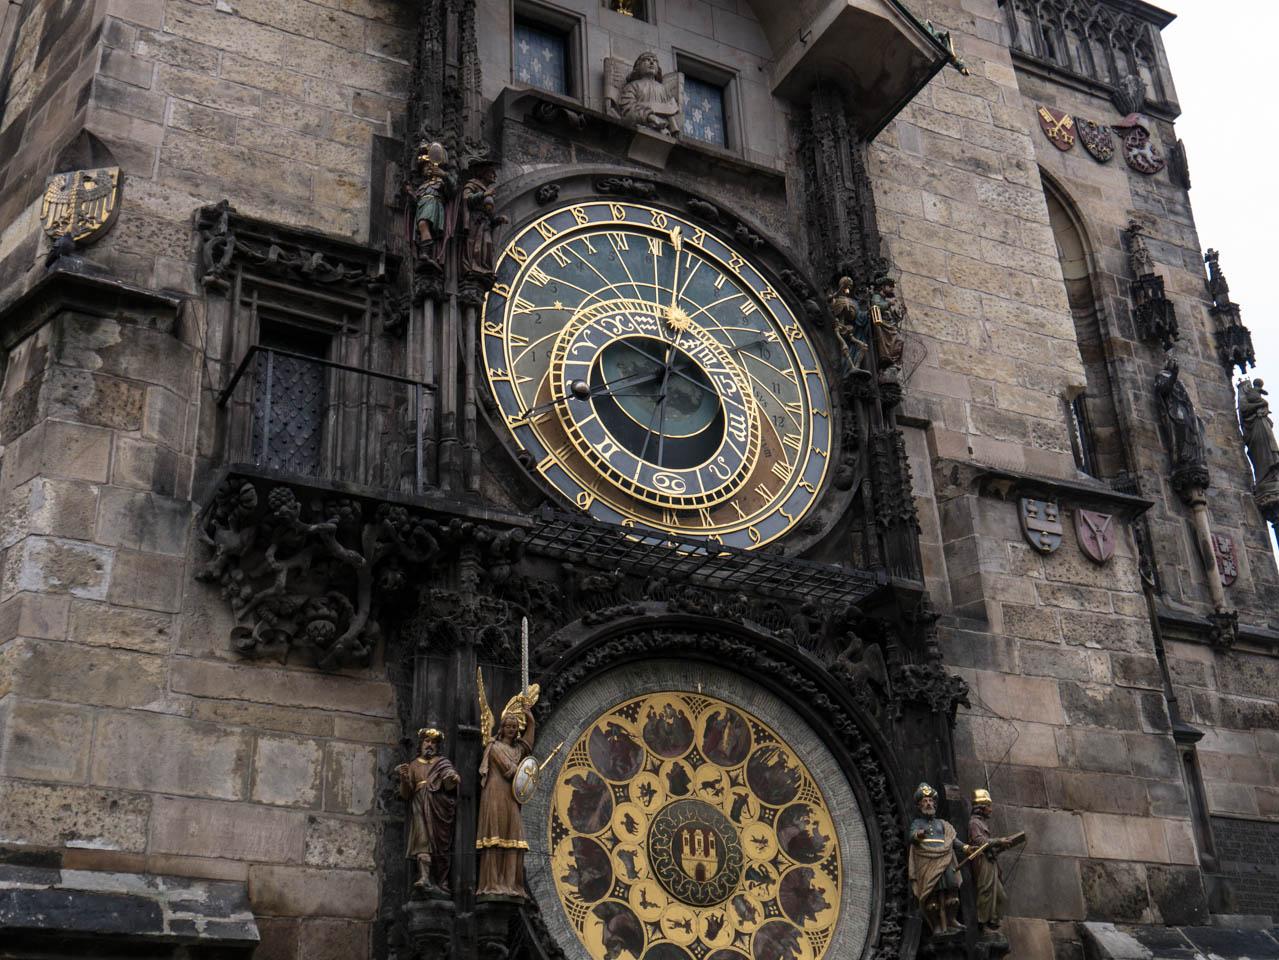 Astronomische Uhr (1 von 1)